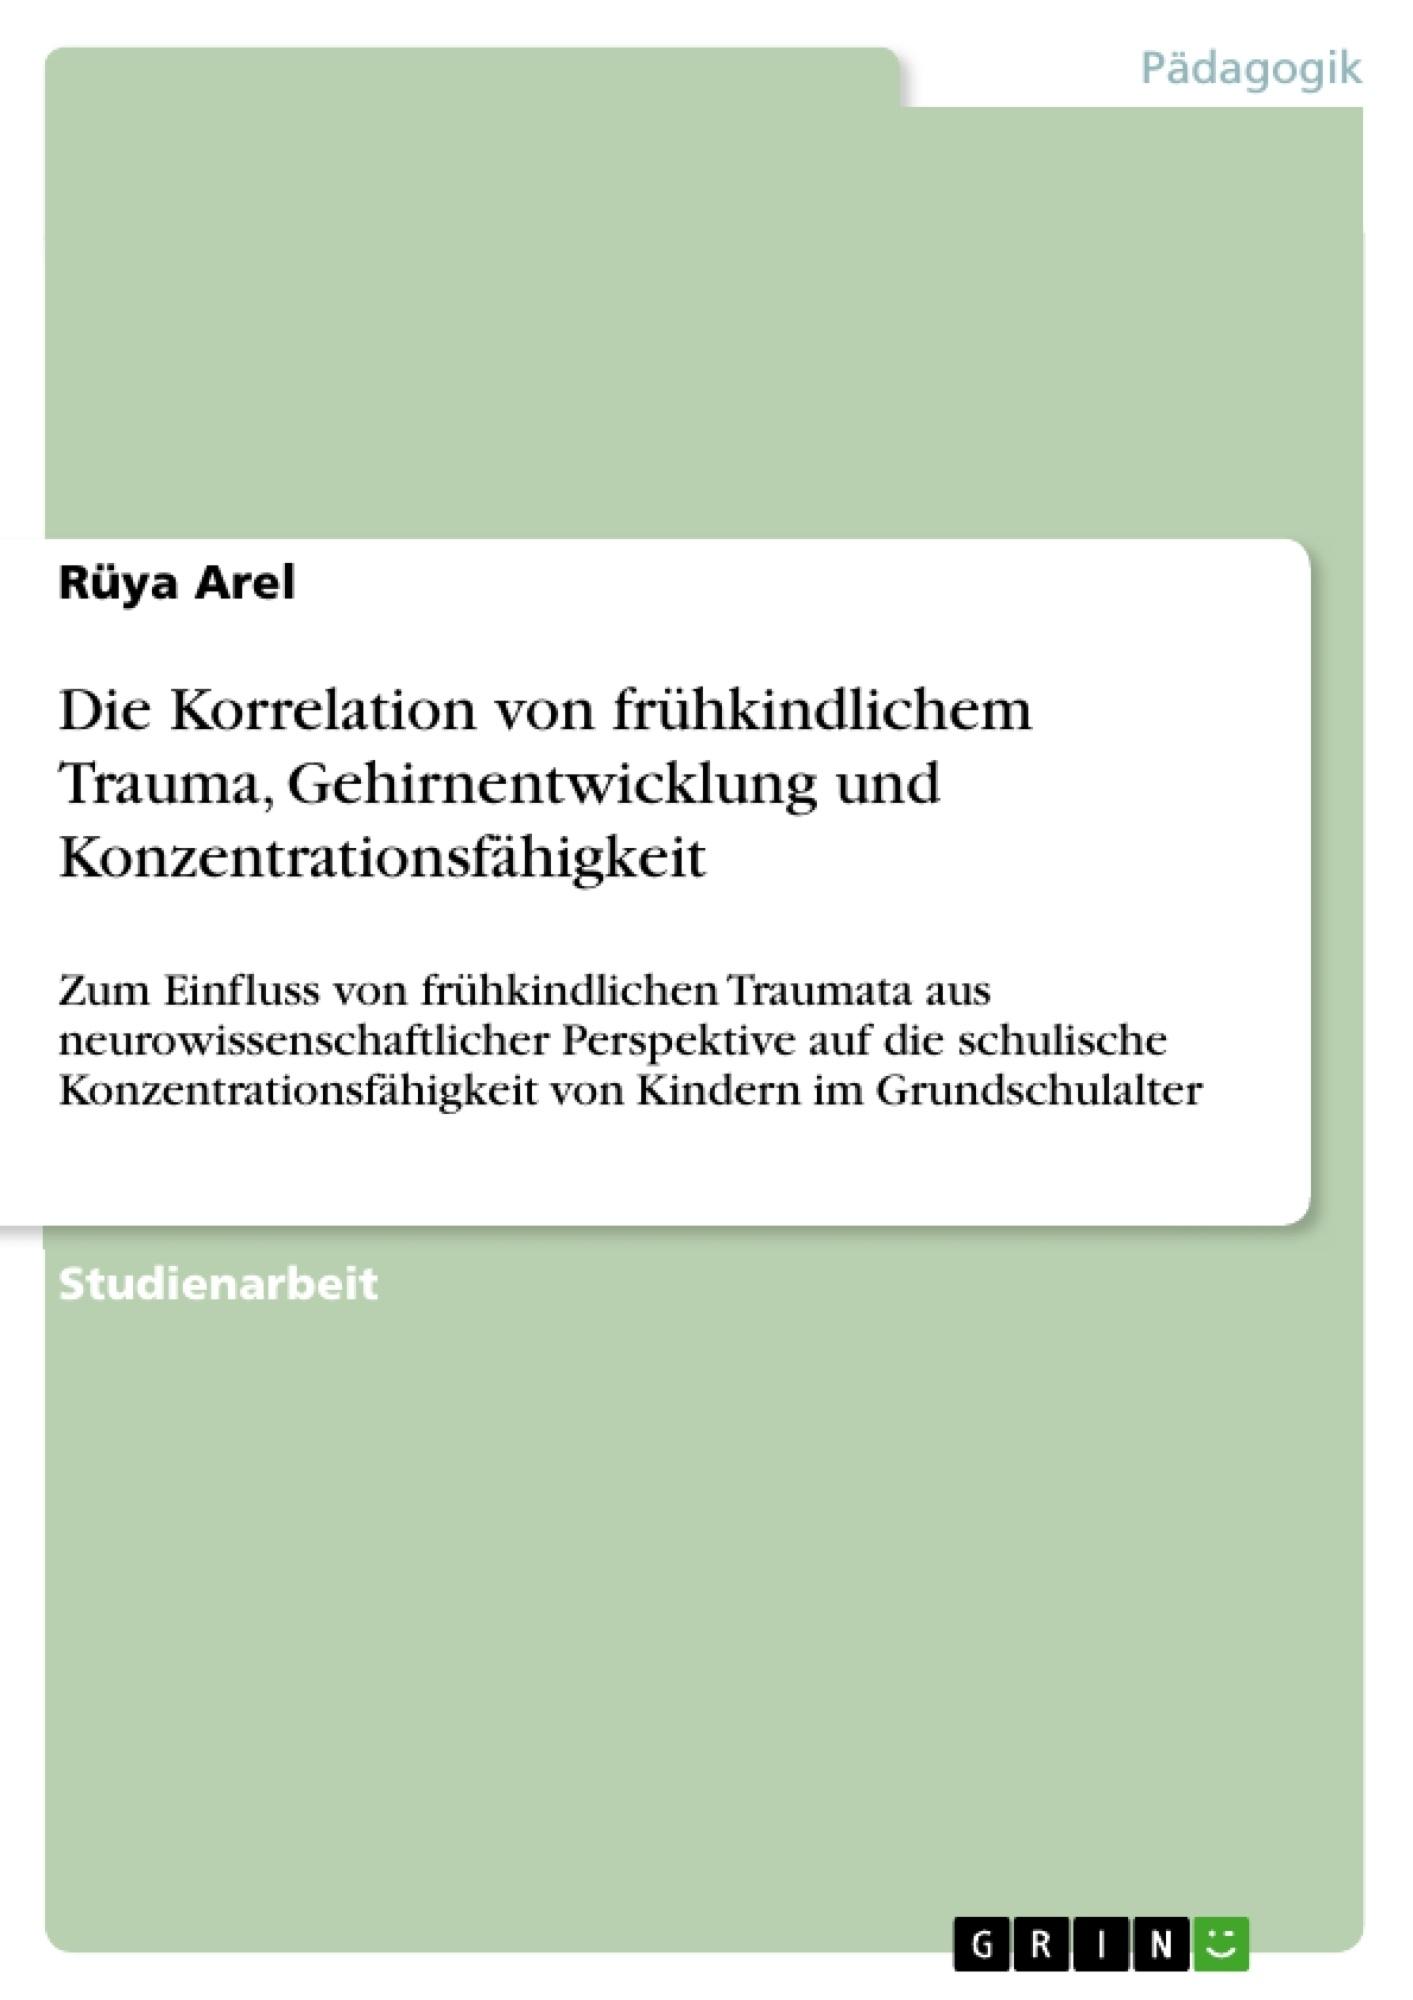 Titel: Die Korrelation von frühkindlichem Trauma, Gehirnentwicklung und Konzentrationsfähigkeit